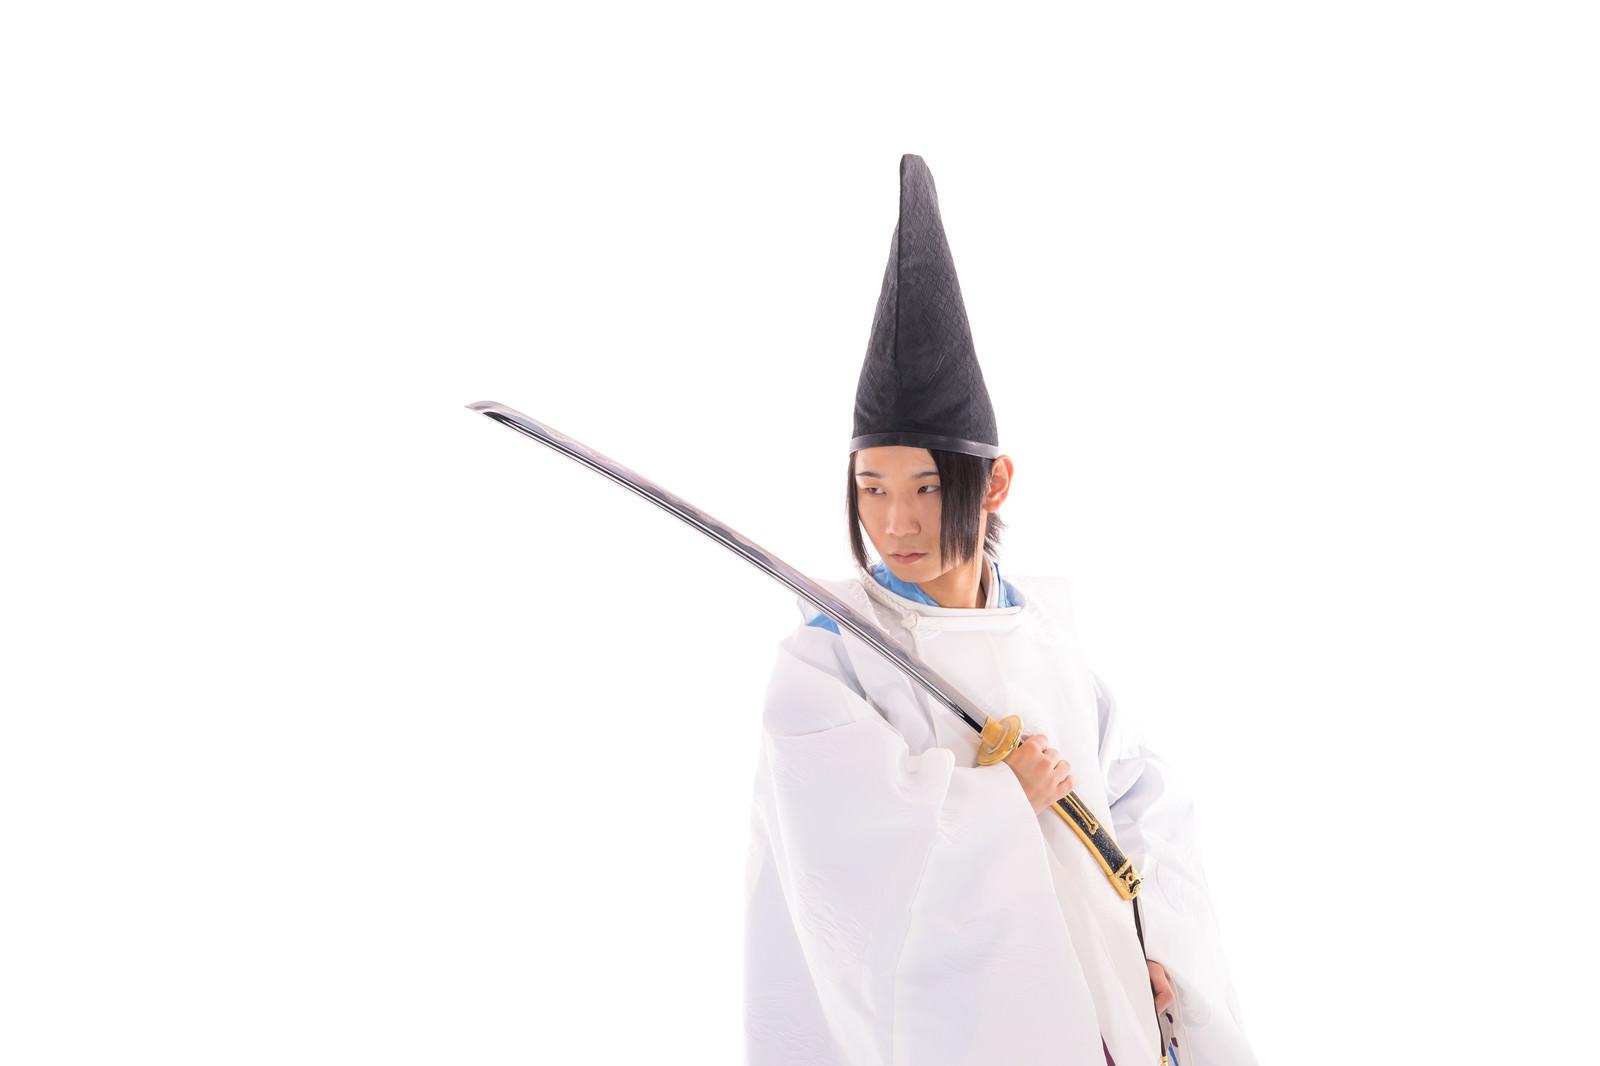 「毛抜形太刀を持ち臨戦態勢の狩衣男子」の写真[モデル:まーこ]